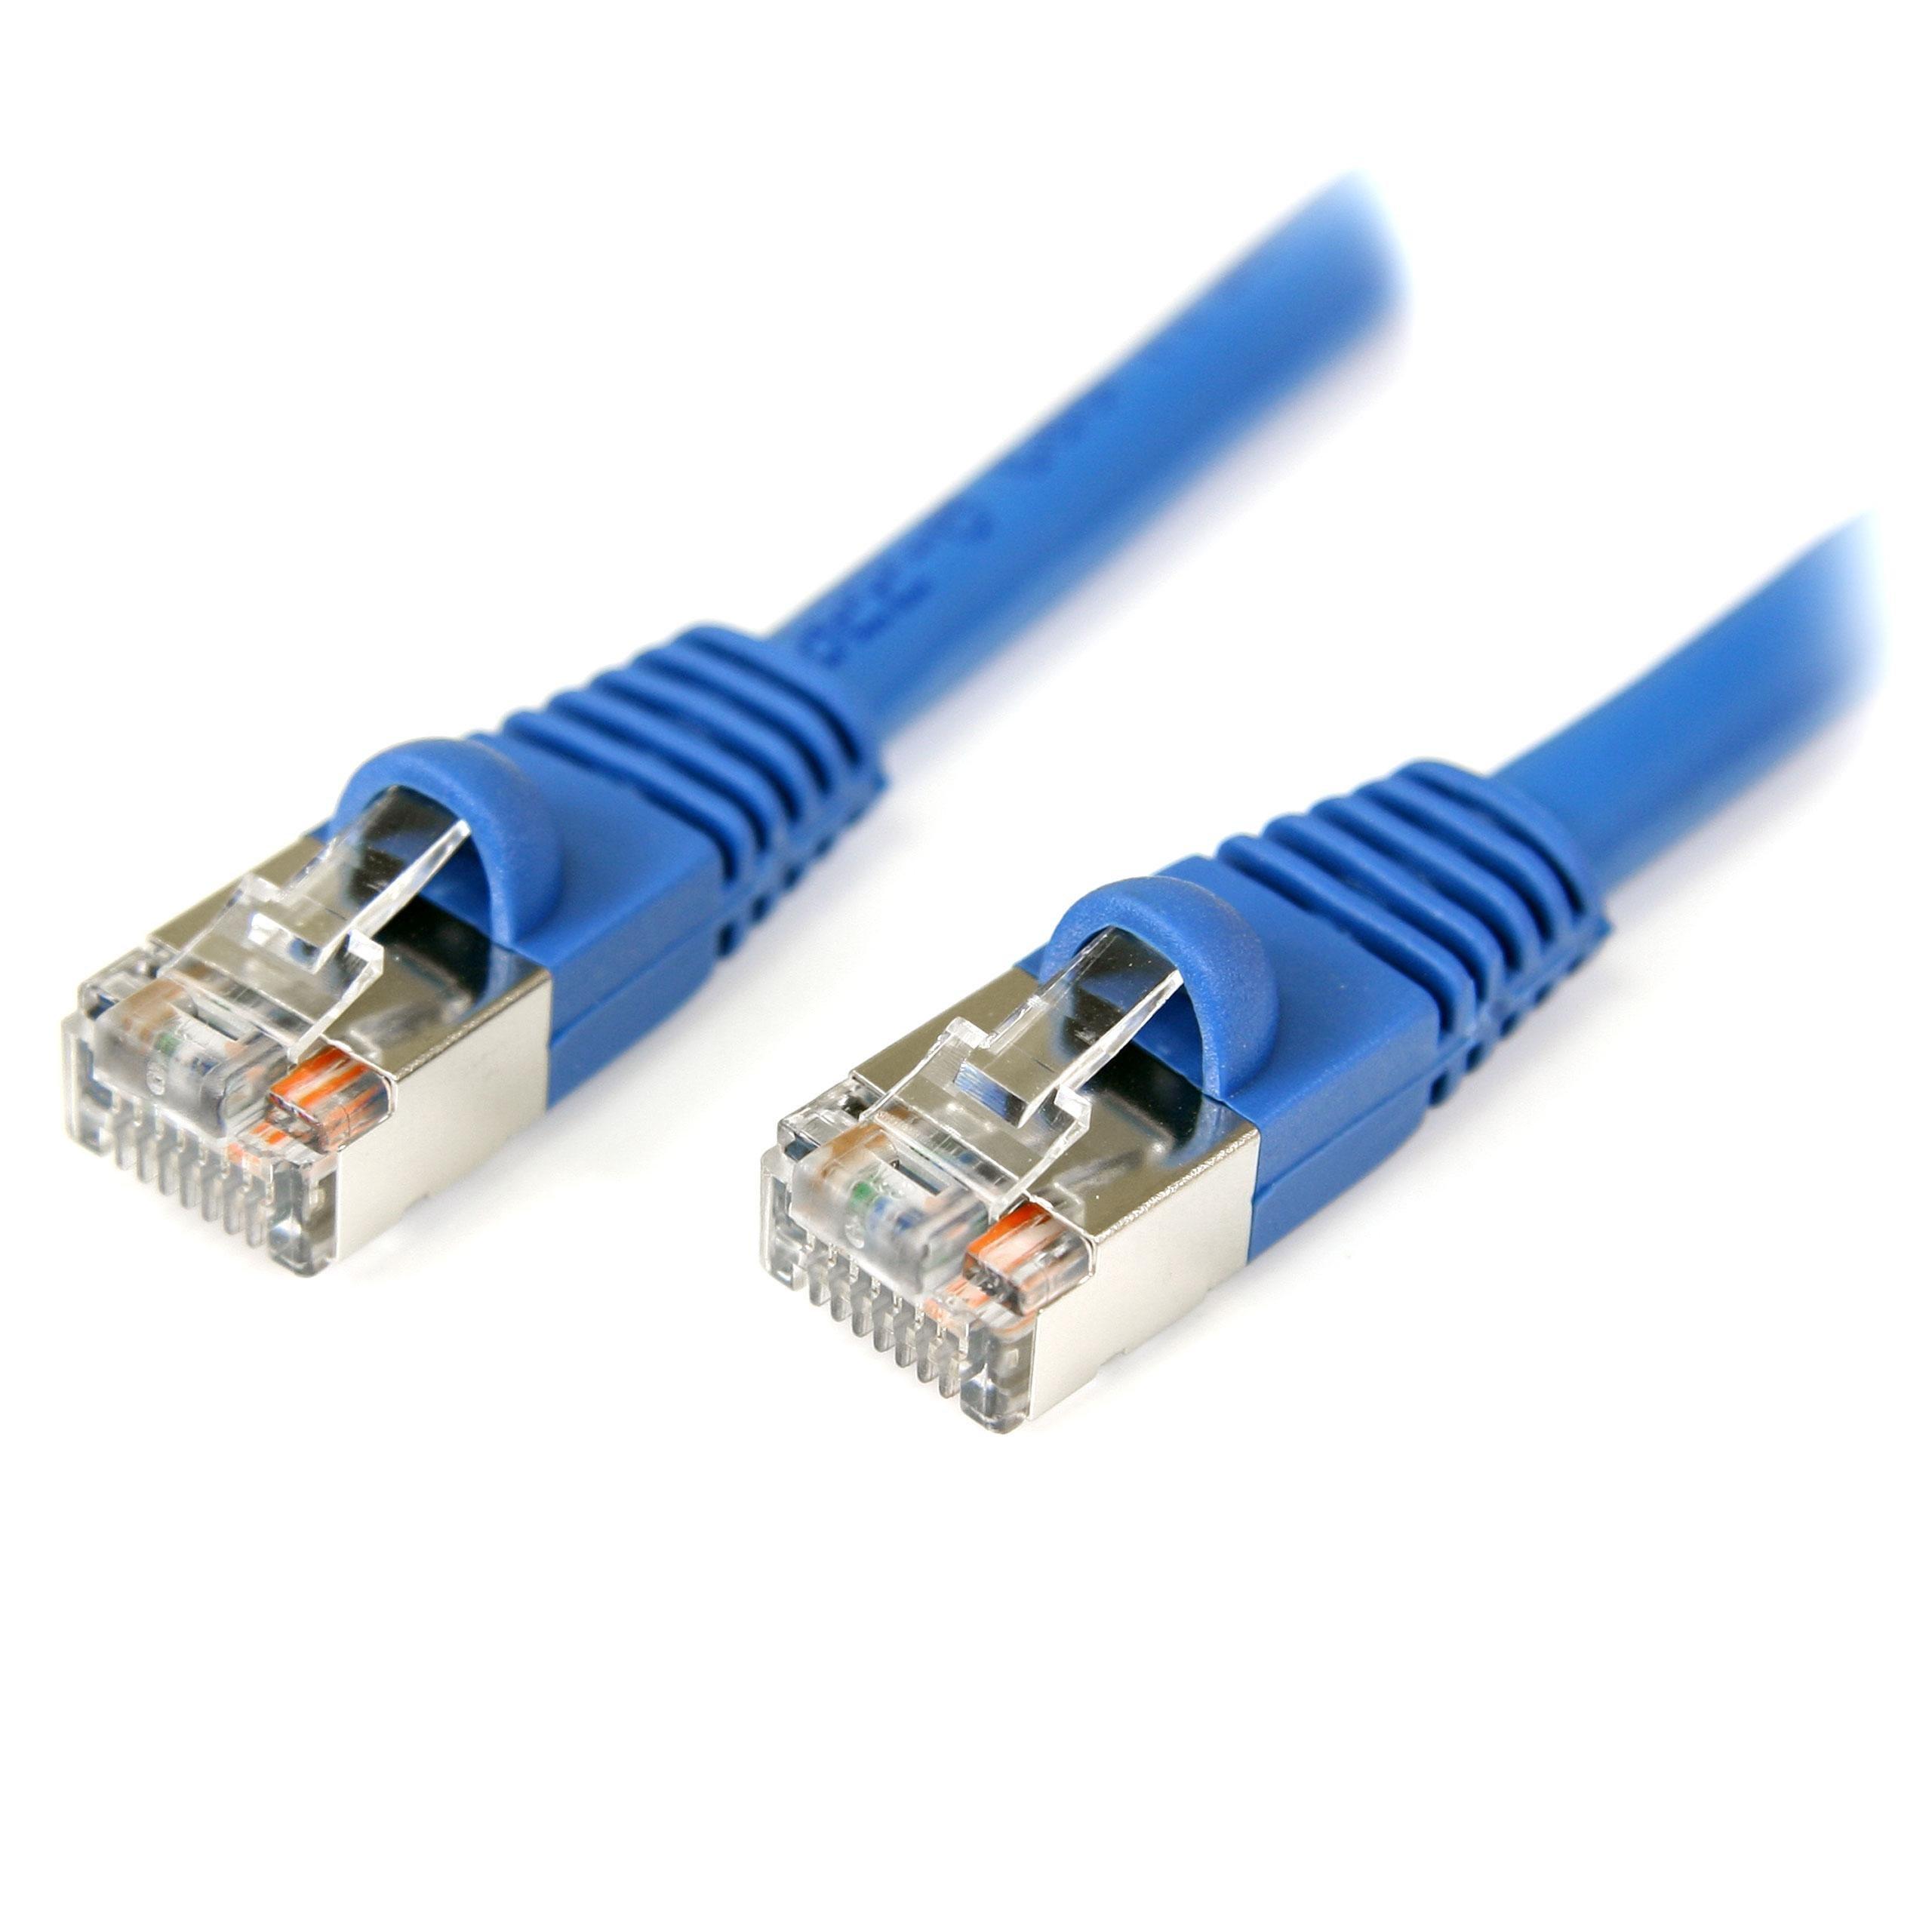 StarTech.com Cat5e Ethernet Cable100 ft - Blue - Patch Cable ...